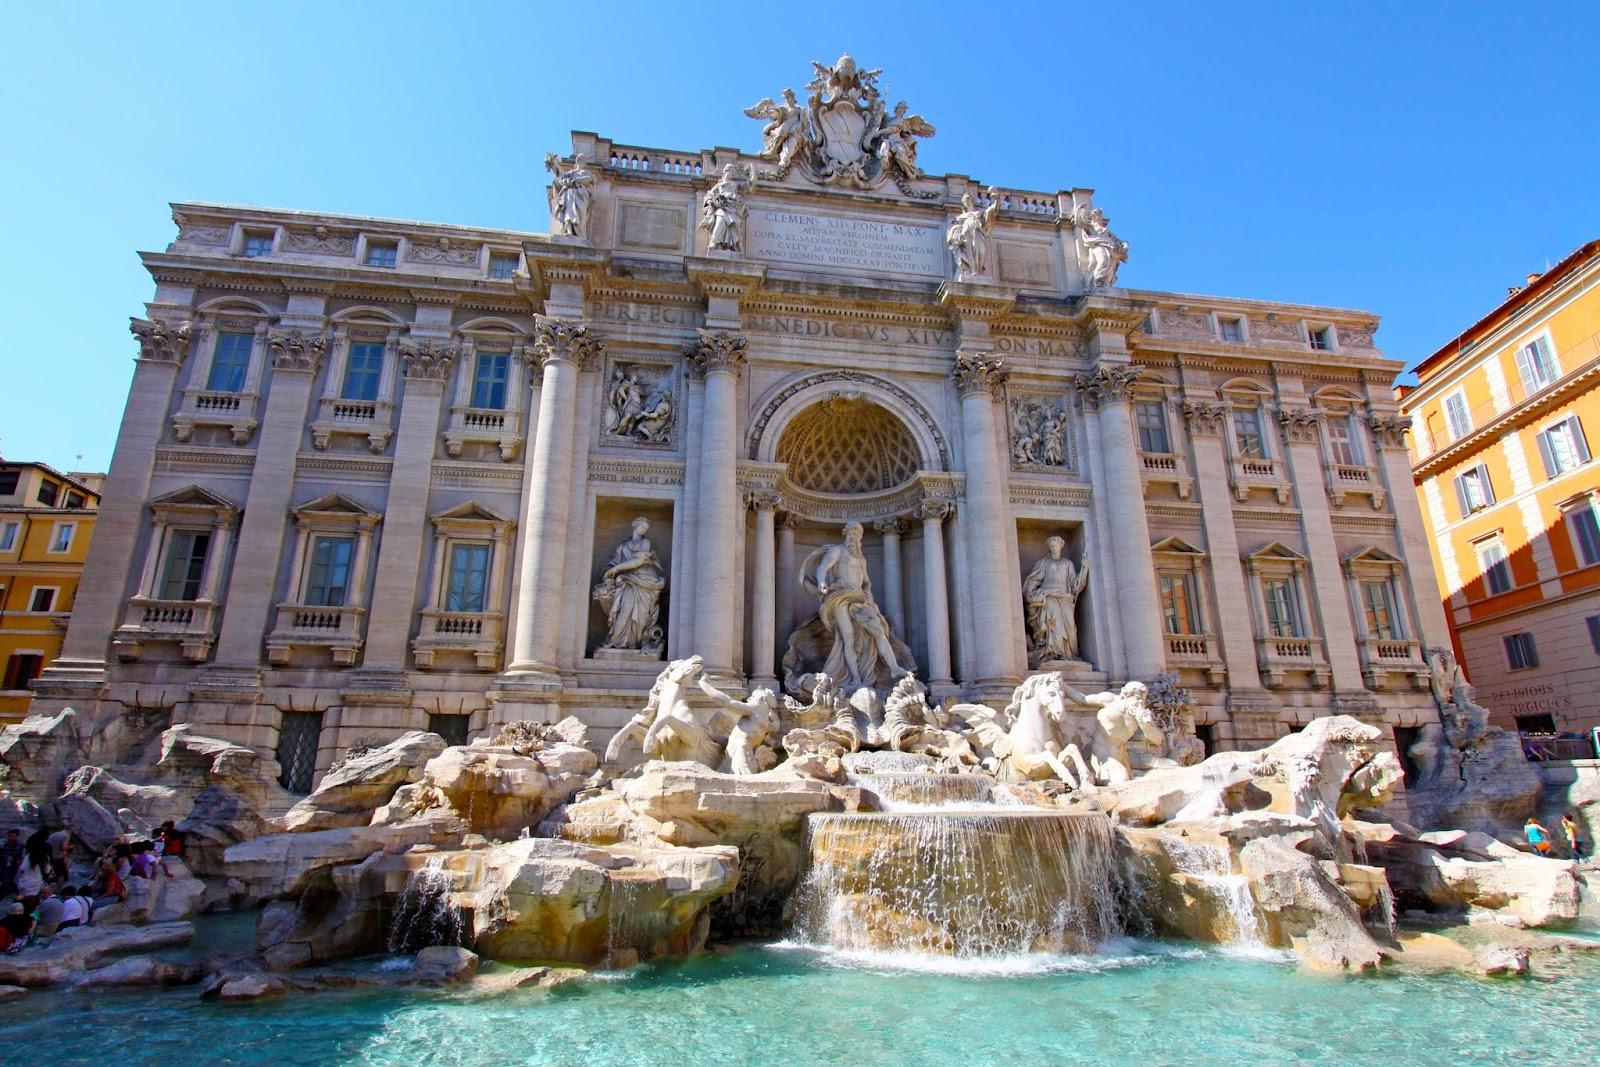 صوره صور تستحق التامل , مناطق سياحية في روما